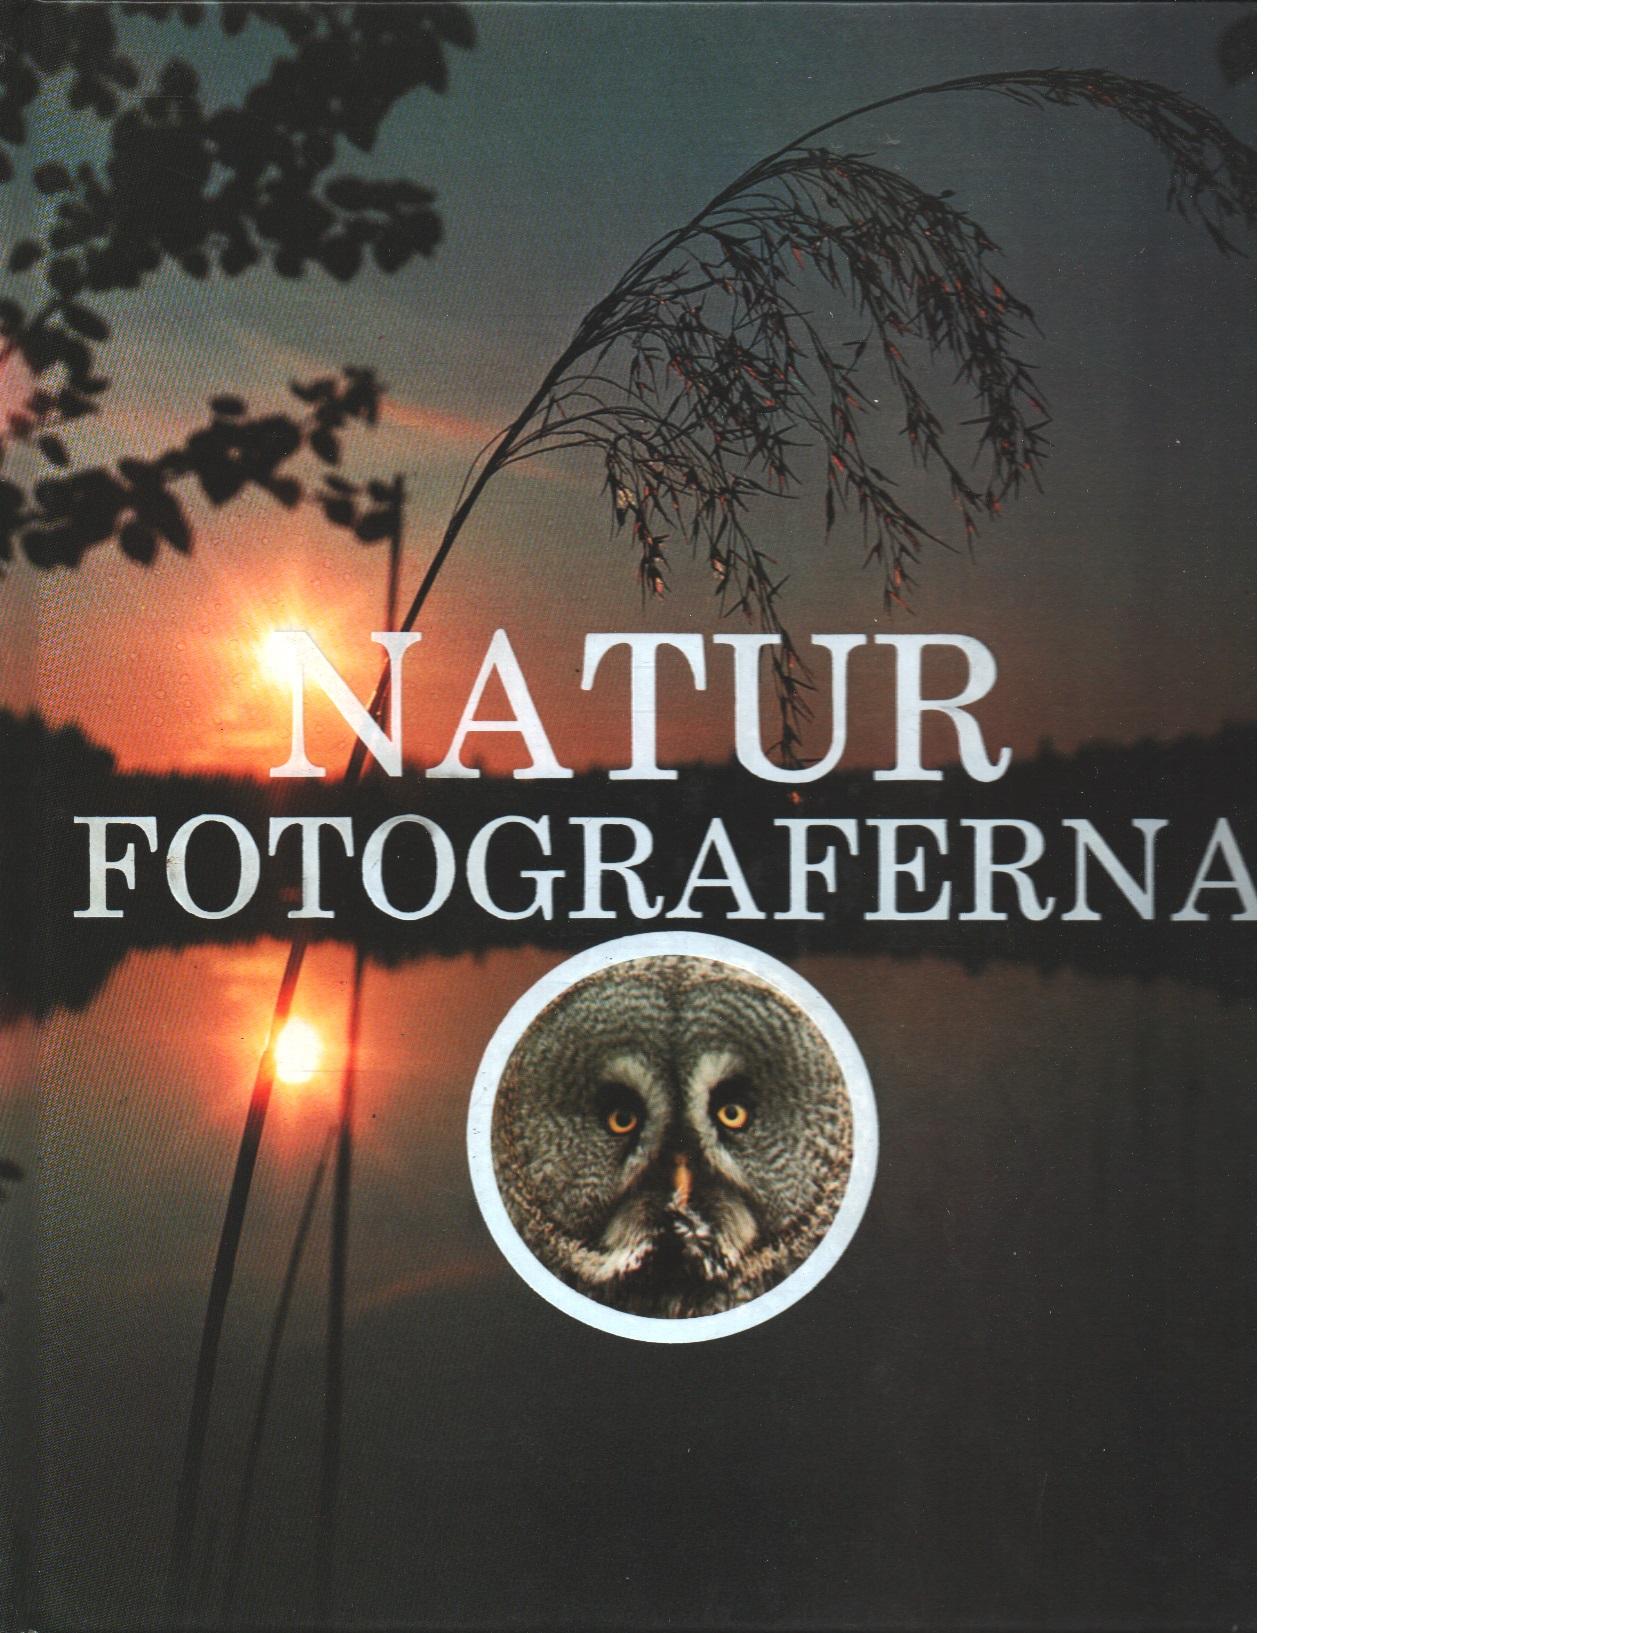 Naturfotograferna - Red.